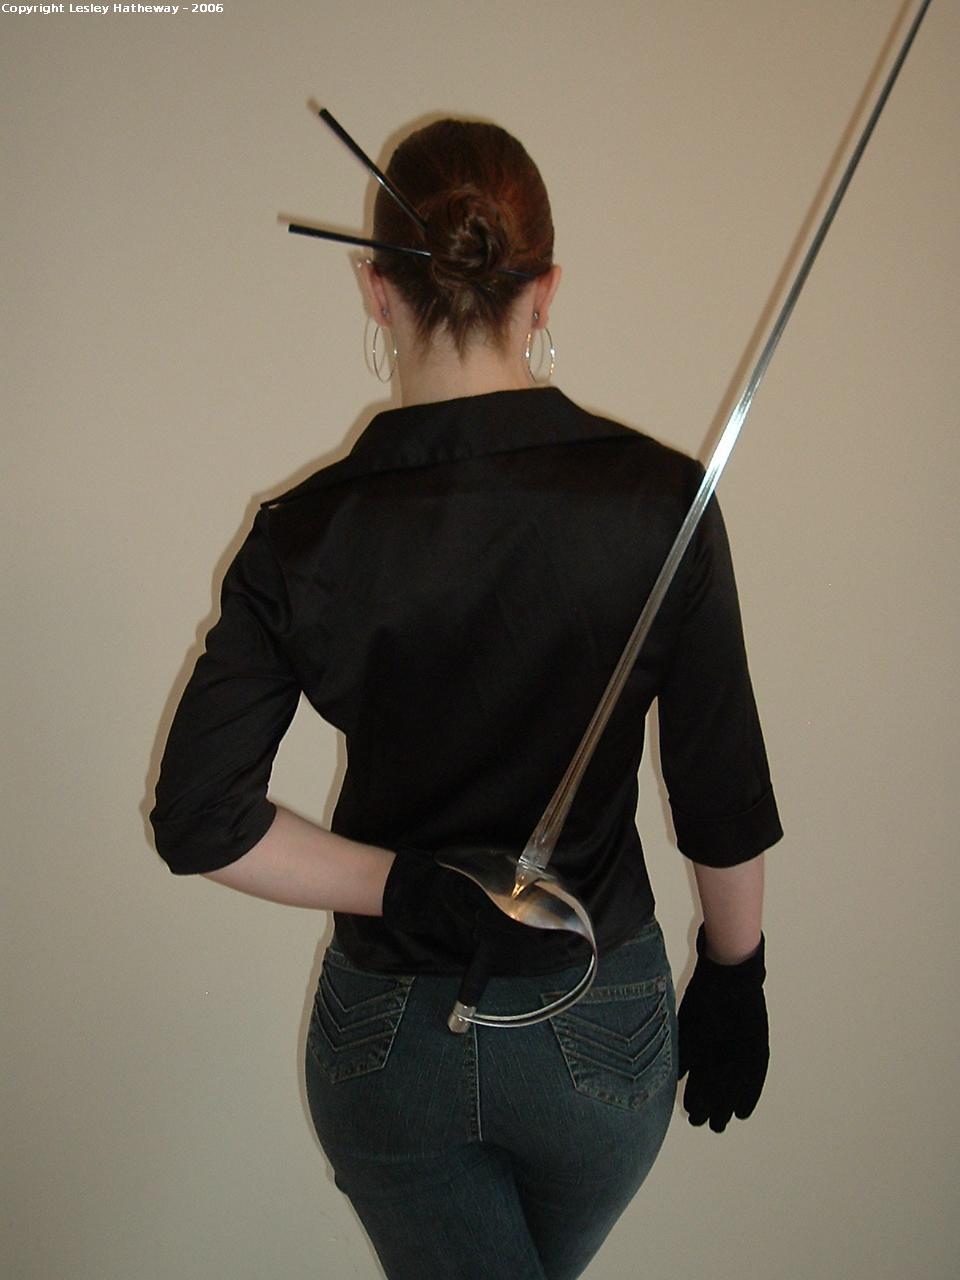 Sword Pose 11 By Lesleyhat On Deviantart